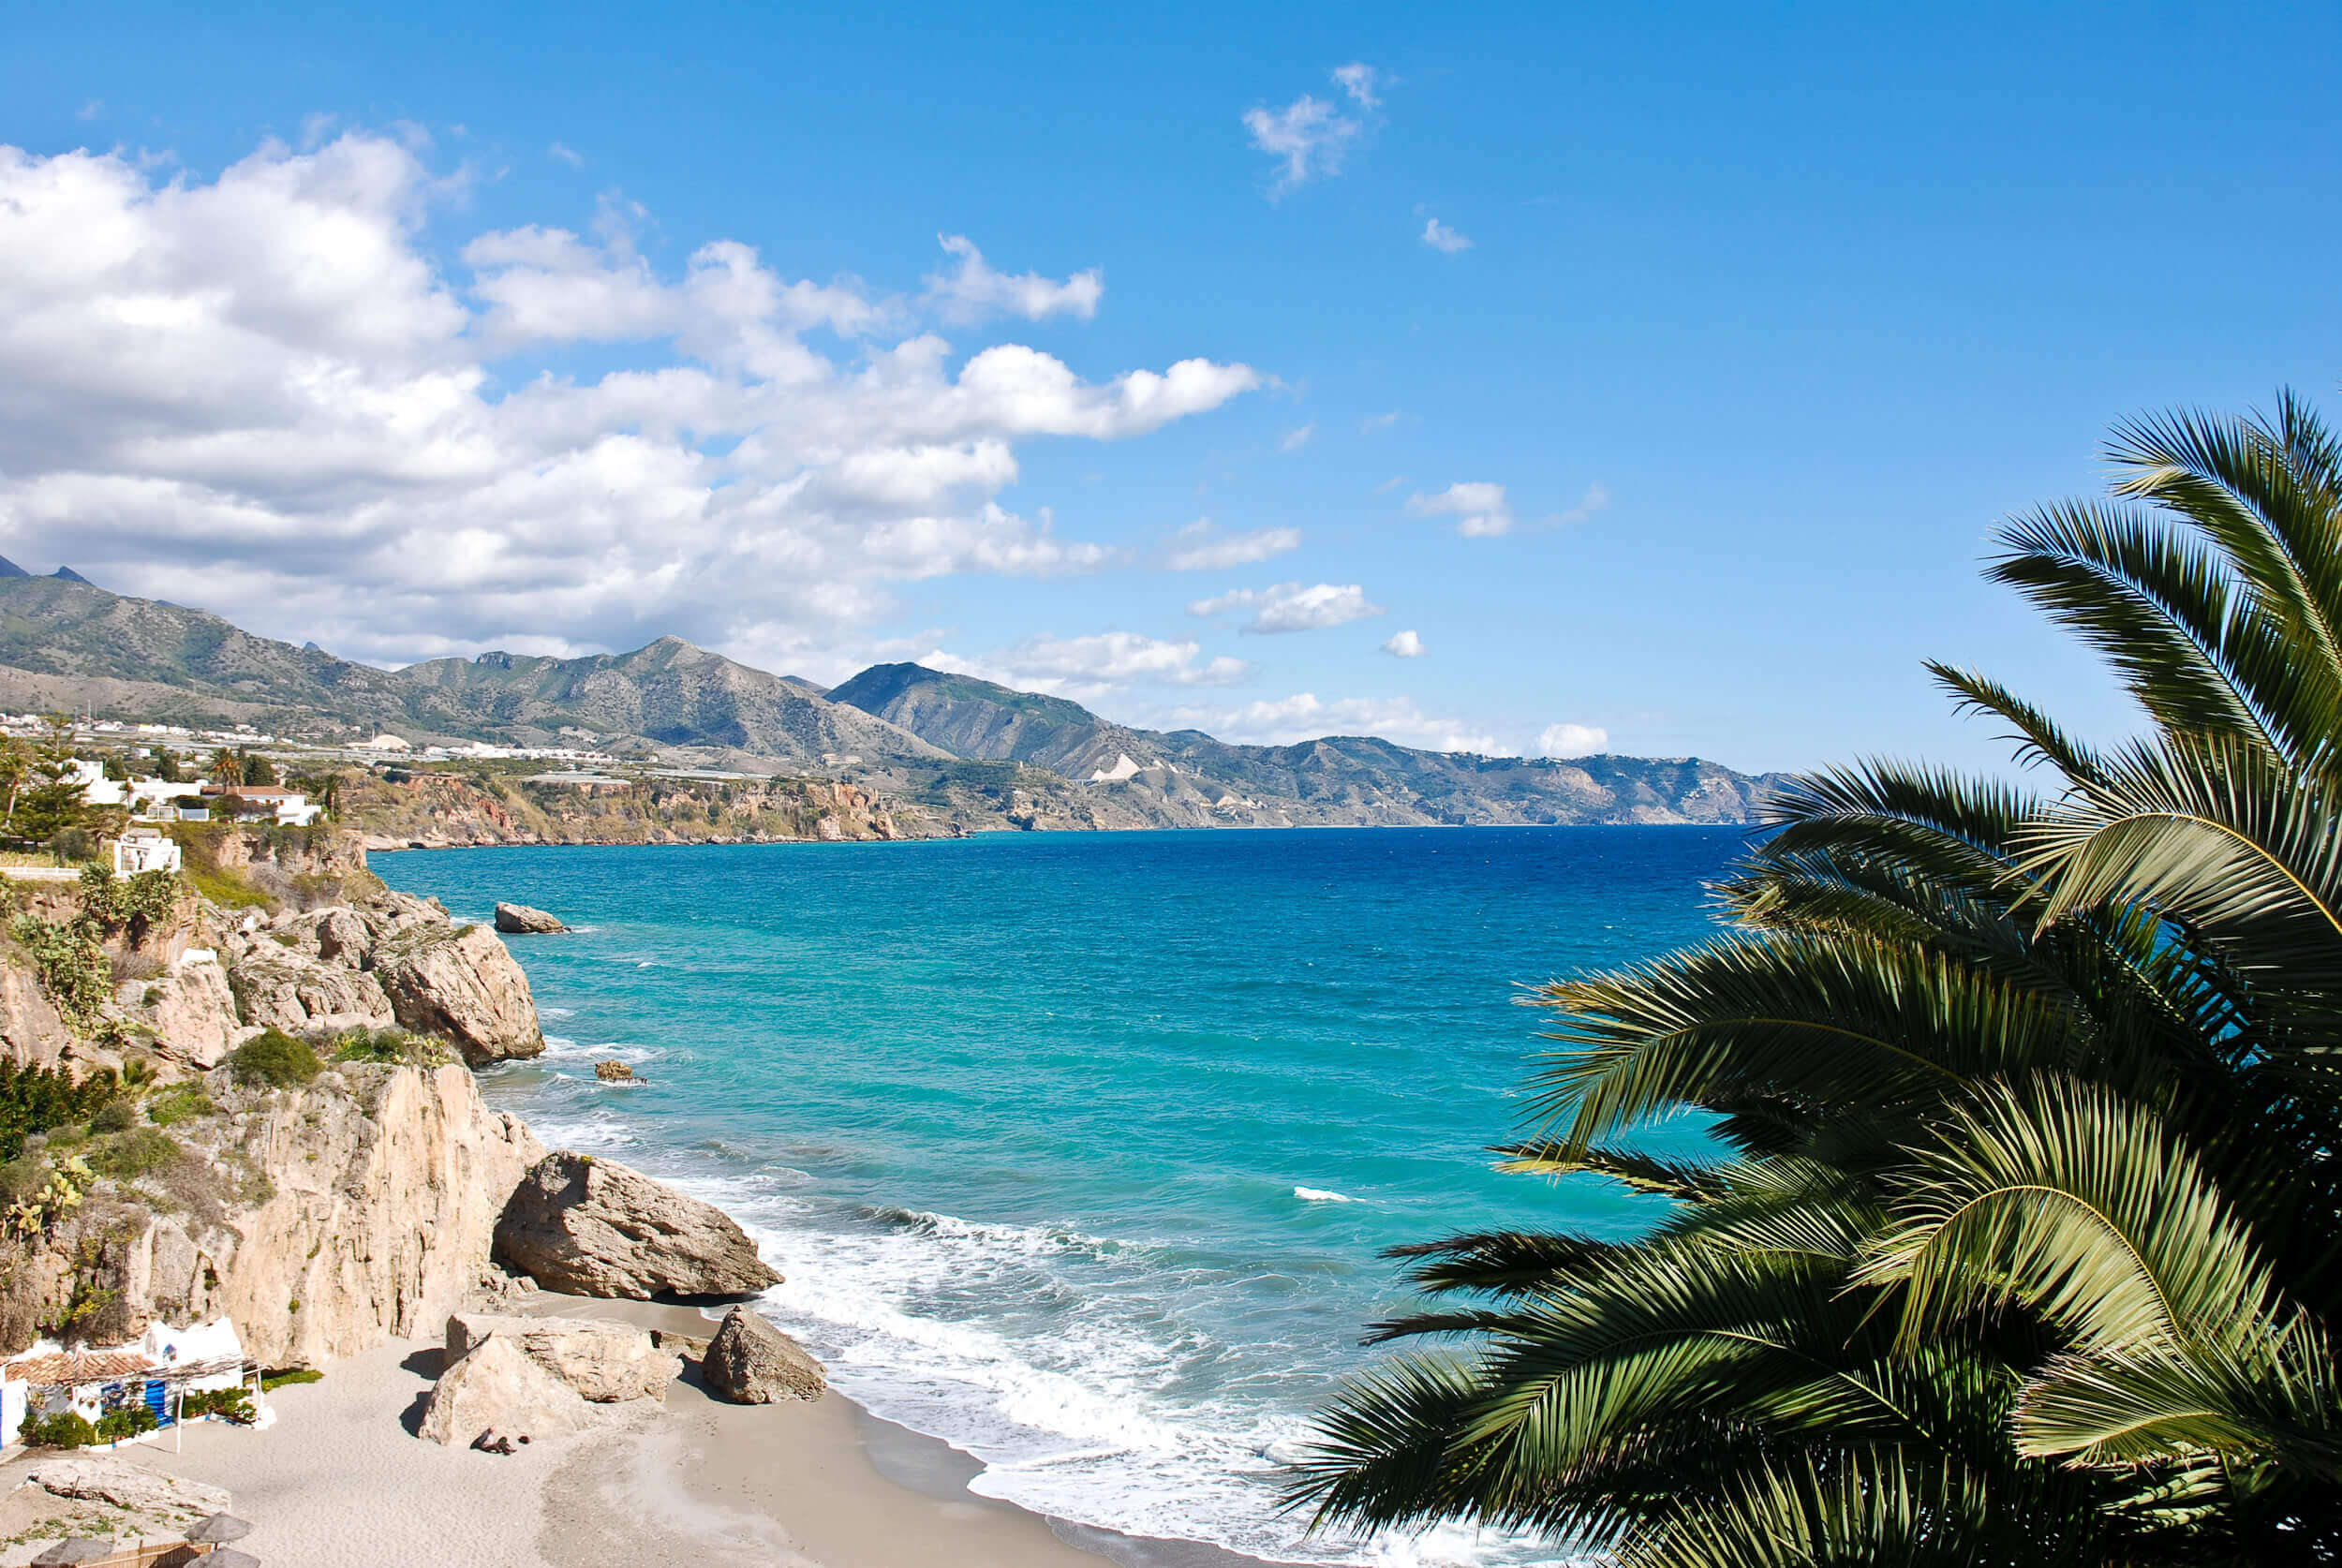 costa_del_sol_legszebb_tengerpartja_1.jpg